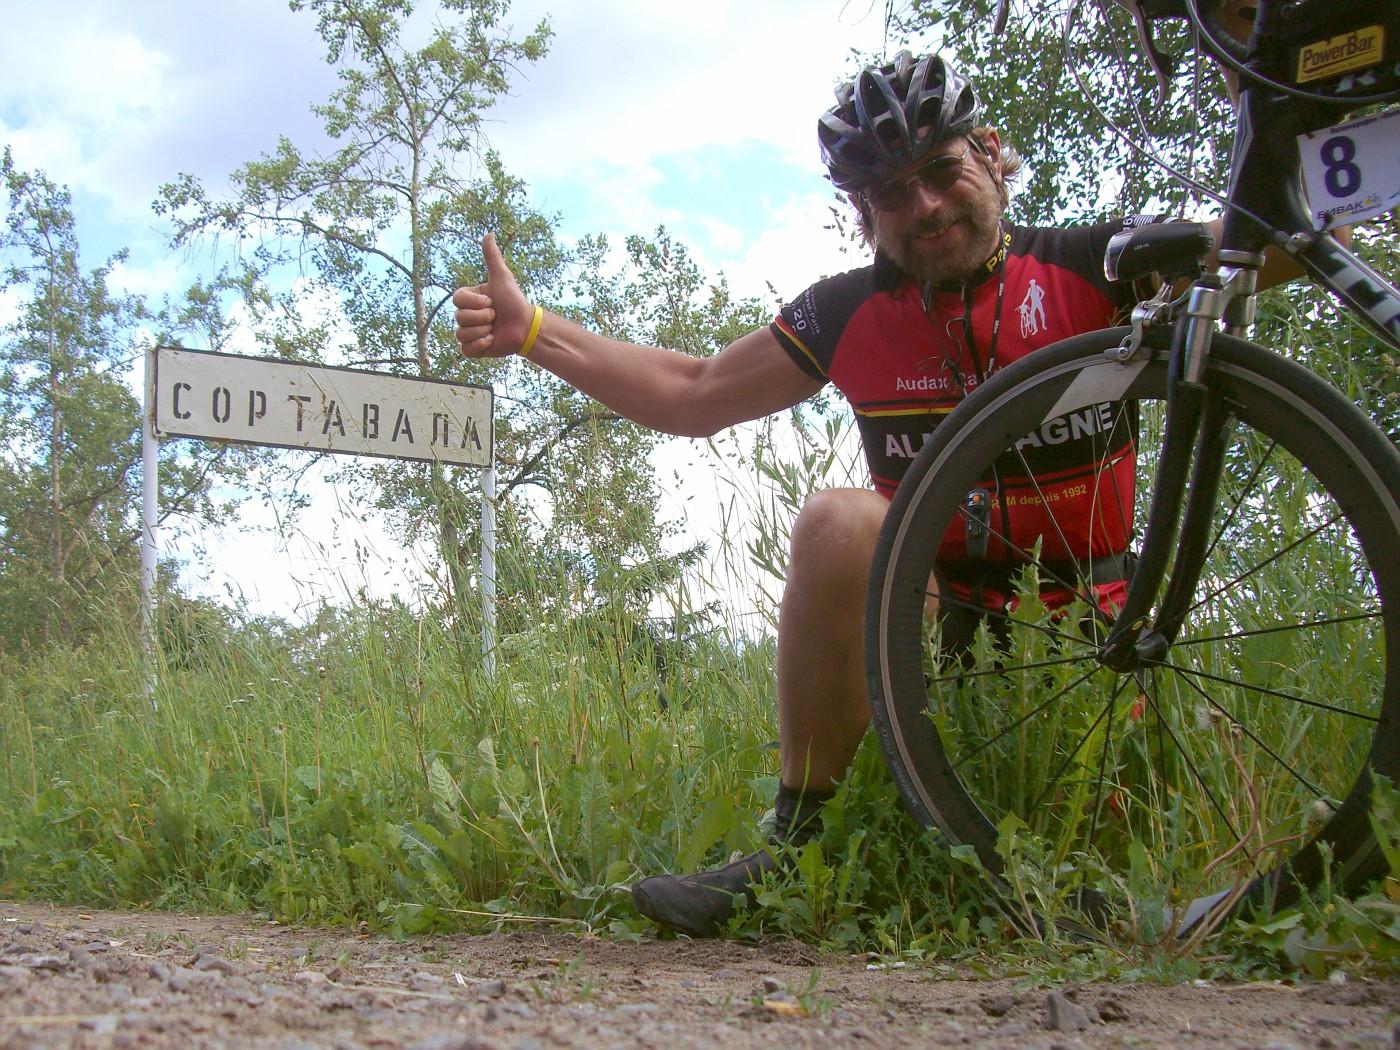 Manfred hat den Zielort Sortavala erreicht. :-)